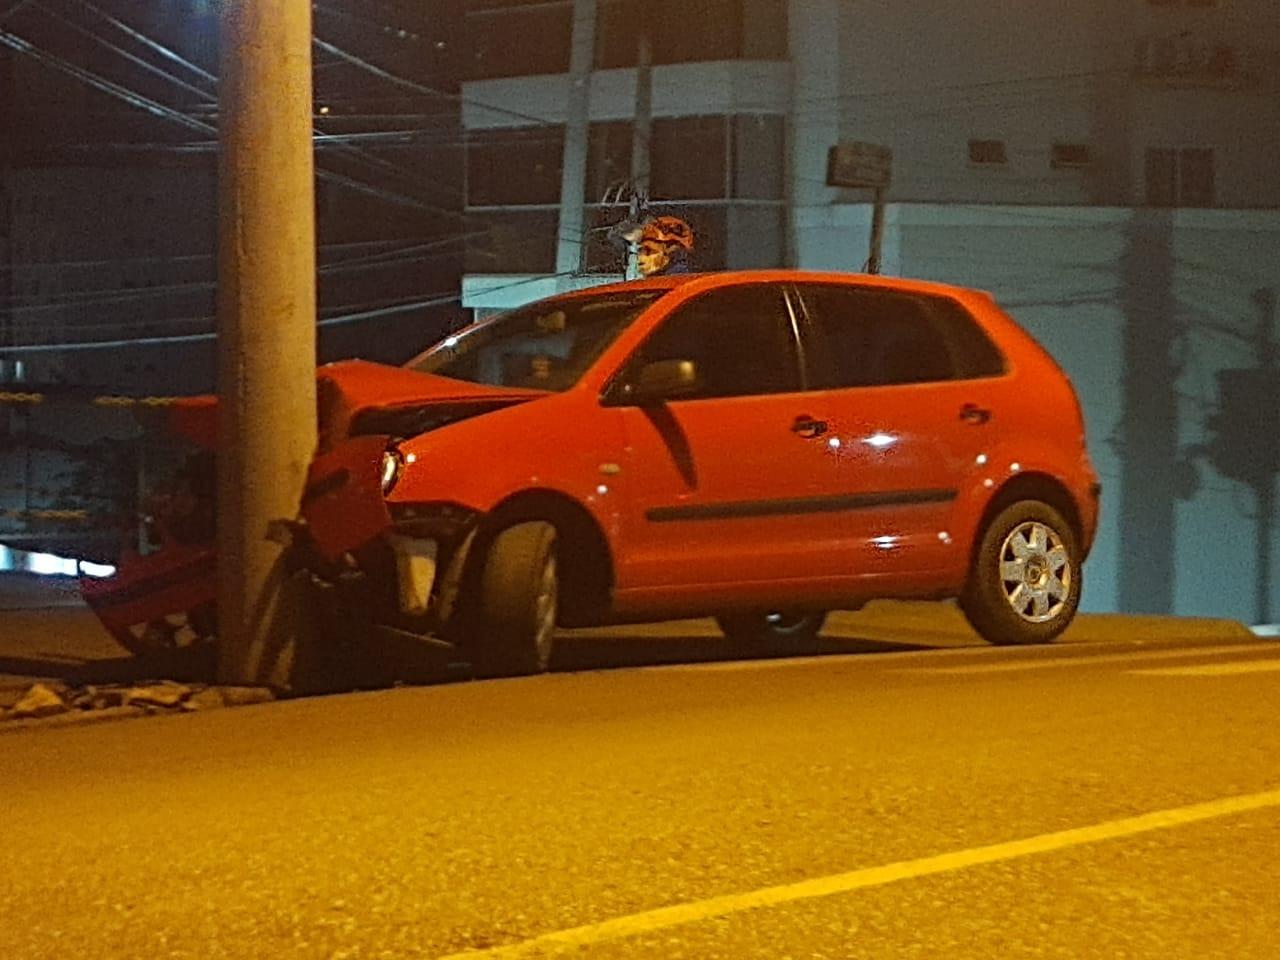 Motorista bate em poste e não é localizado por equipe dos Bombeiros em Concórdia